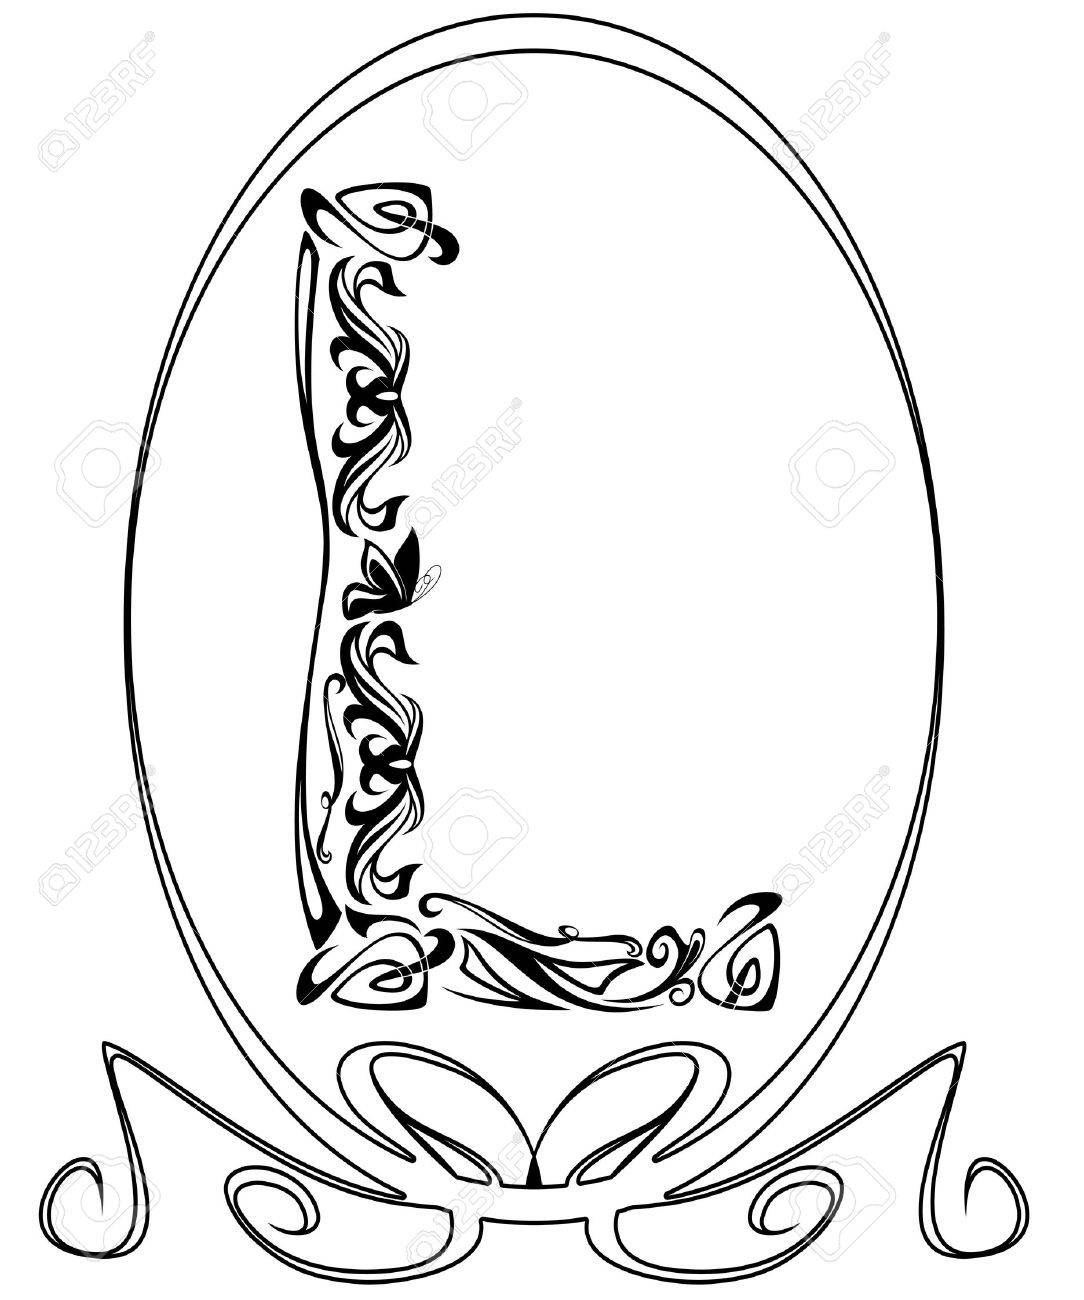 Art Nouveau style vintage font - letter L black and white outline Stock Vector - 11866133